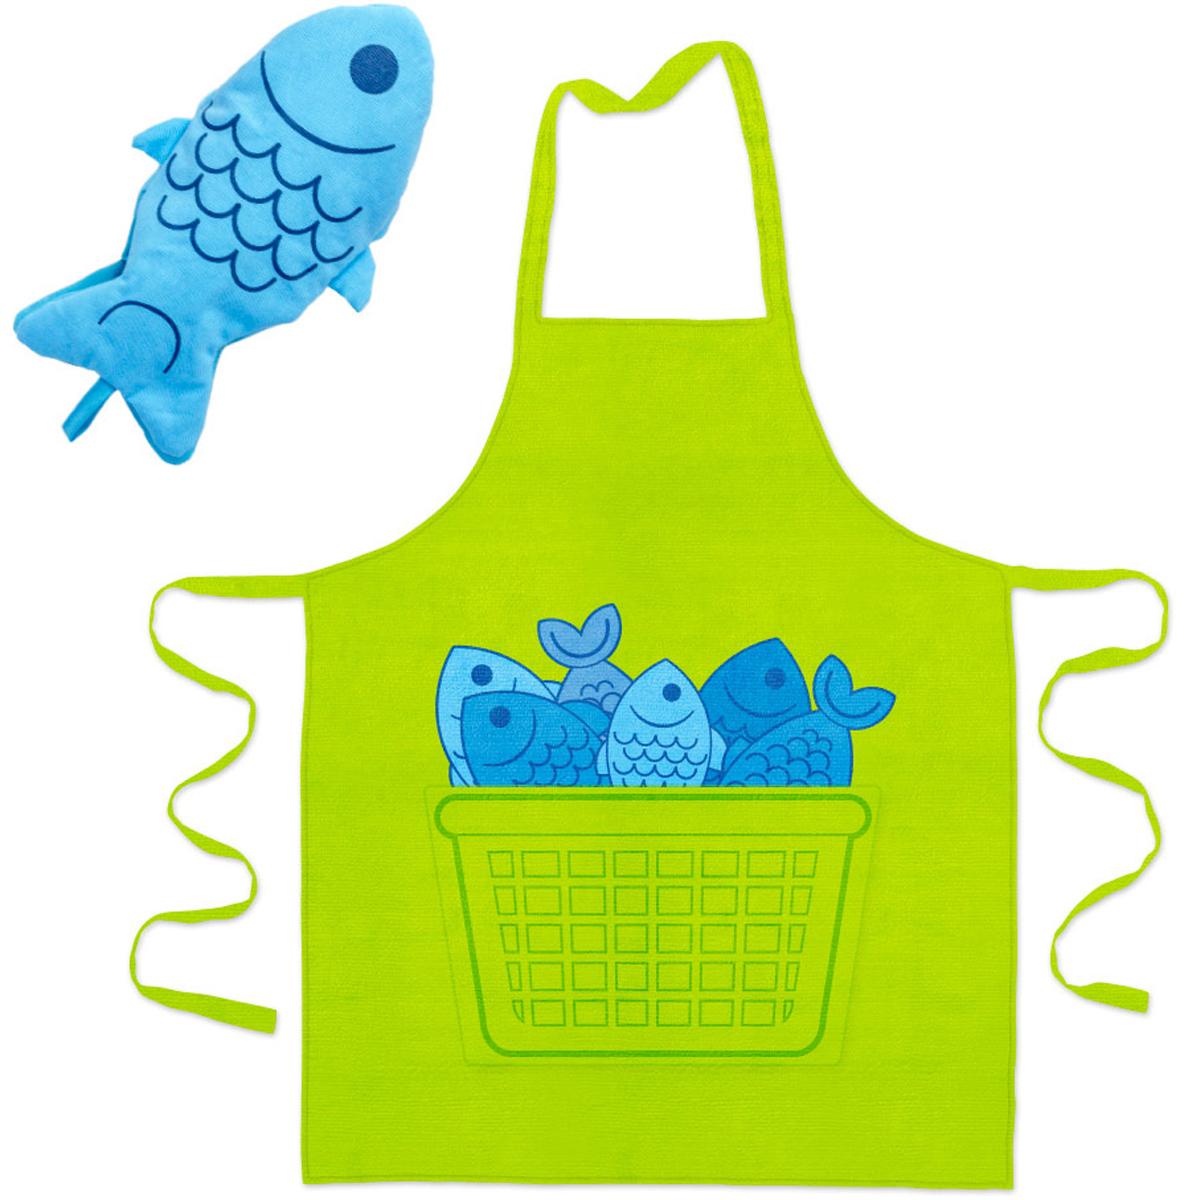 Комплект кухонный Balvi Blue Fin, цвет: зеленый, 2 предмета26152Комплект фартука и прихватки Blue Fin прекрасно впишется в интерьер вашей кухни. Красивый фартук салатового цвета и синяя прихватка в форме рыбки привнесут живость и разнообразие в ваш дом. Фартук с большим удобным карманом по центру, оформленным забавным принтом, подойдет всем, кто будет готовить на вашей кухне.- Оригинальный комплект выполнен из плотного текстиля.- Универсальность применения - подходит на любой размер.- Легко стирается и не теряет яркость красок.- Незаменимые приспособления для любой кухни.